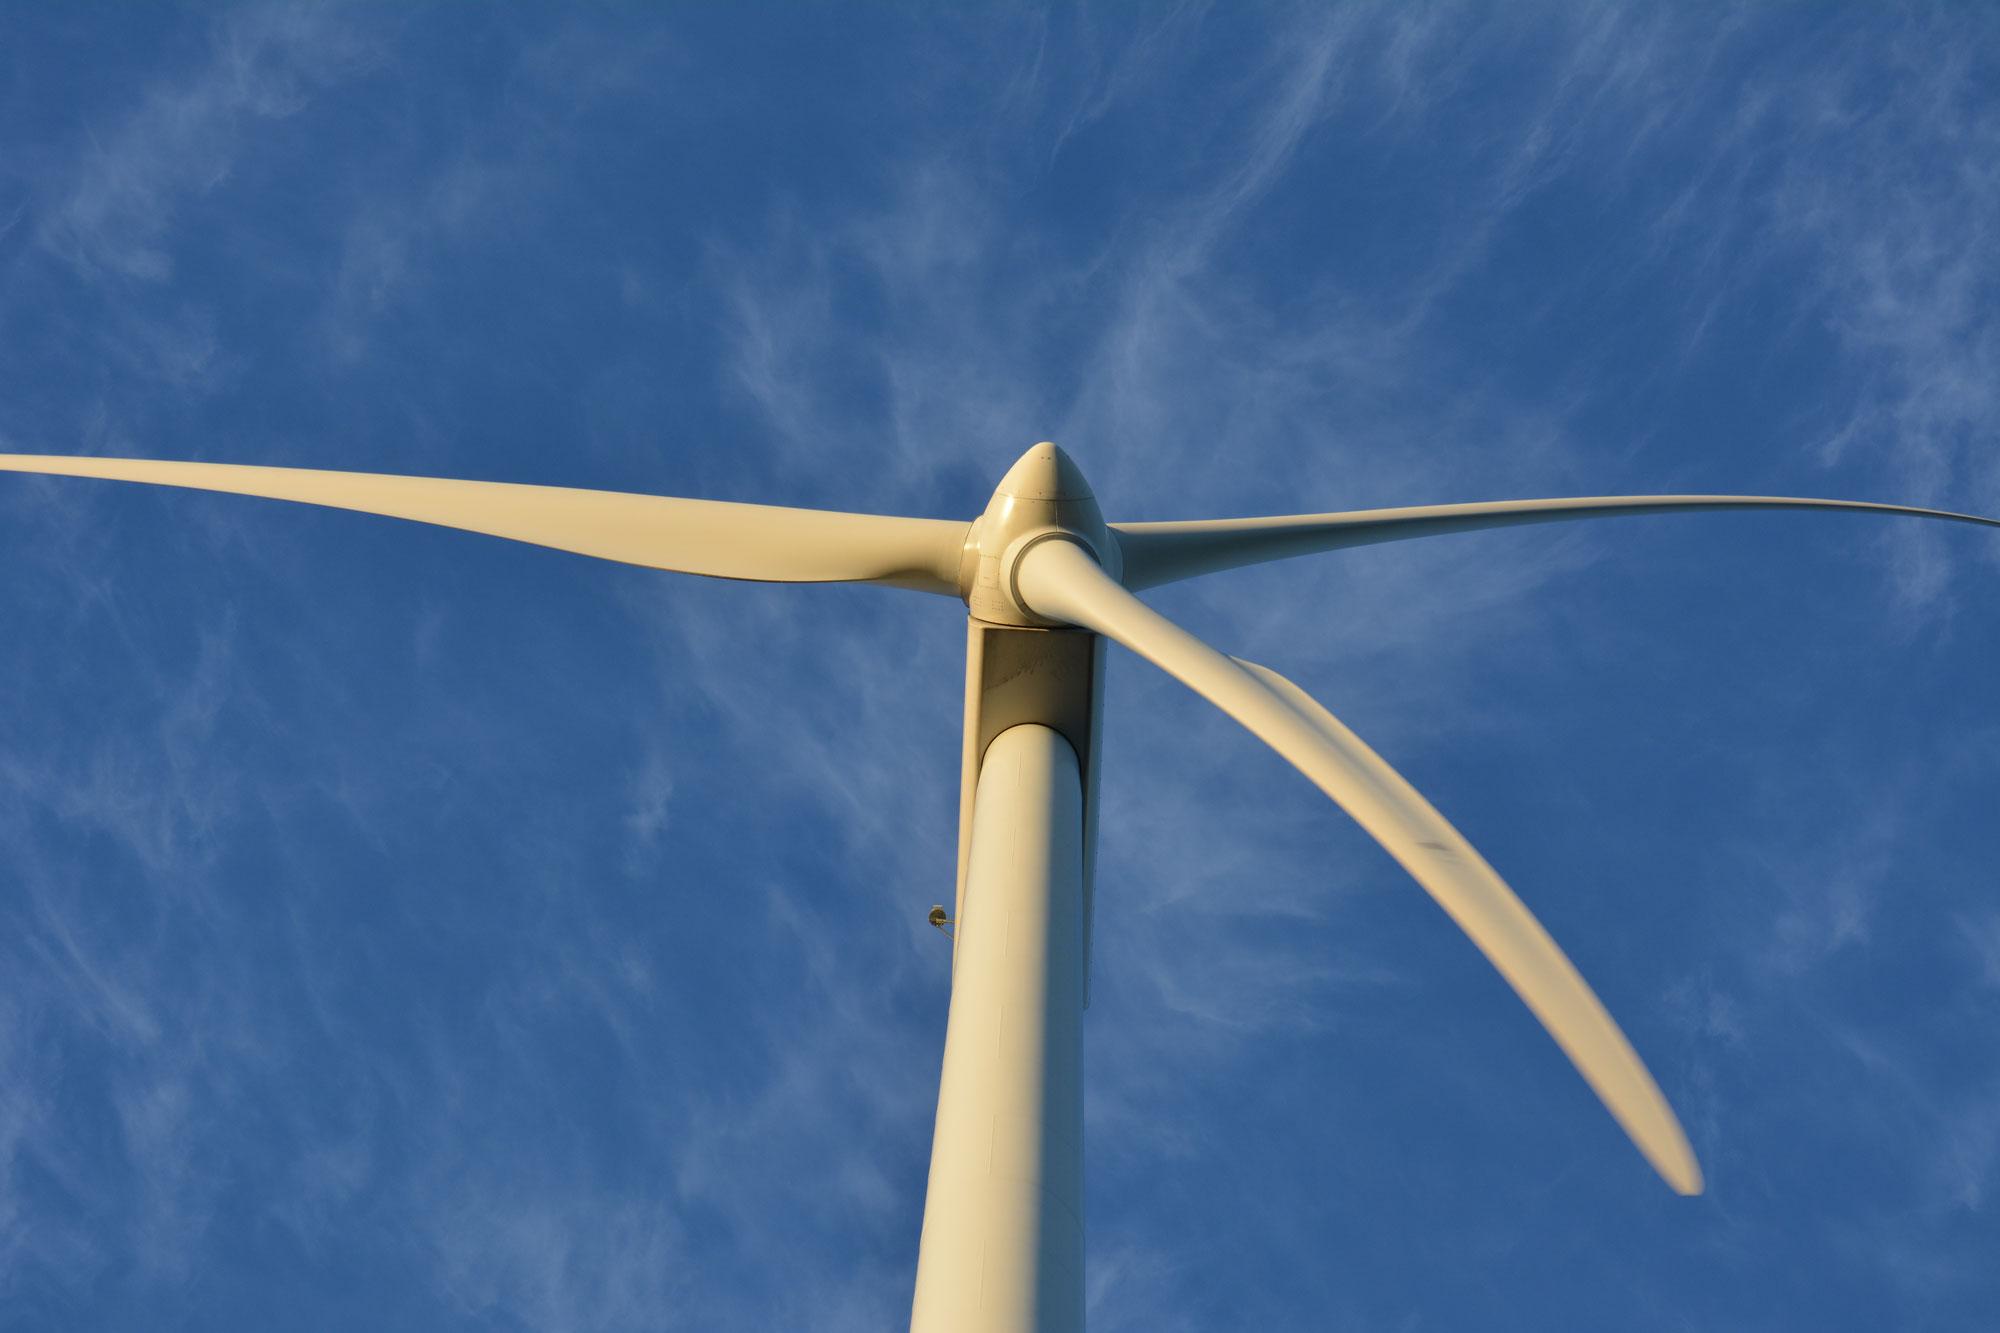 Ветрогенератор для частного дома: лучшие модели и варианты установки